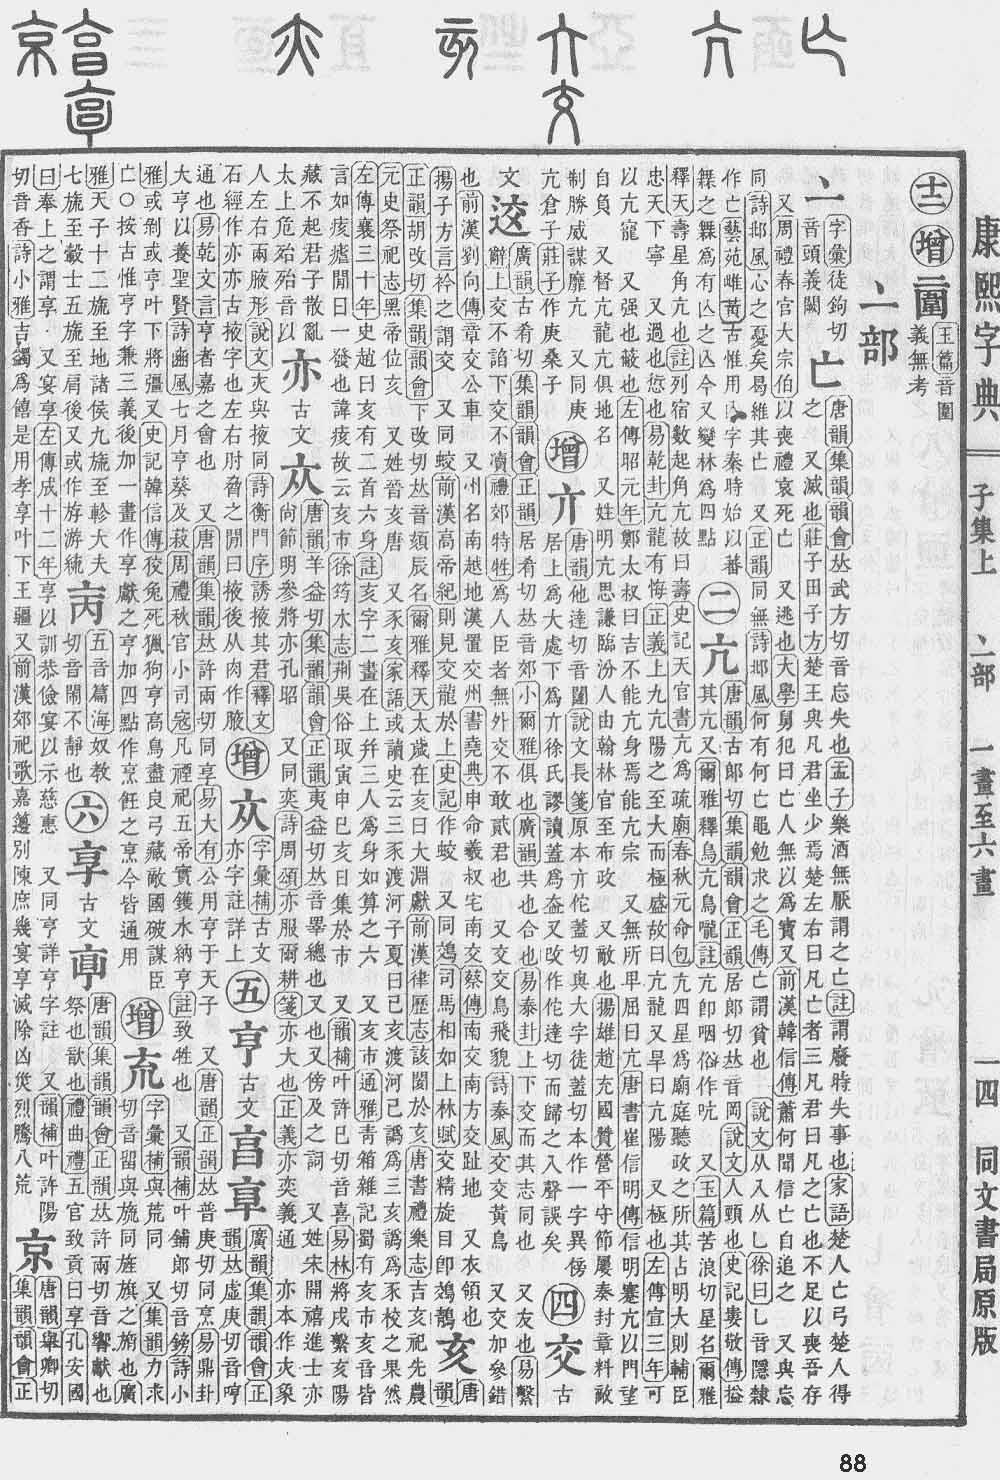 《康熙字典》第88页